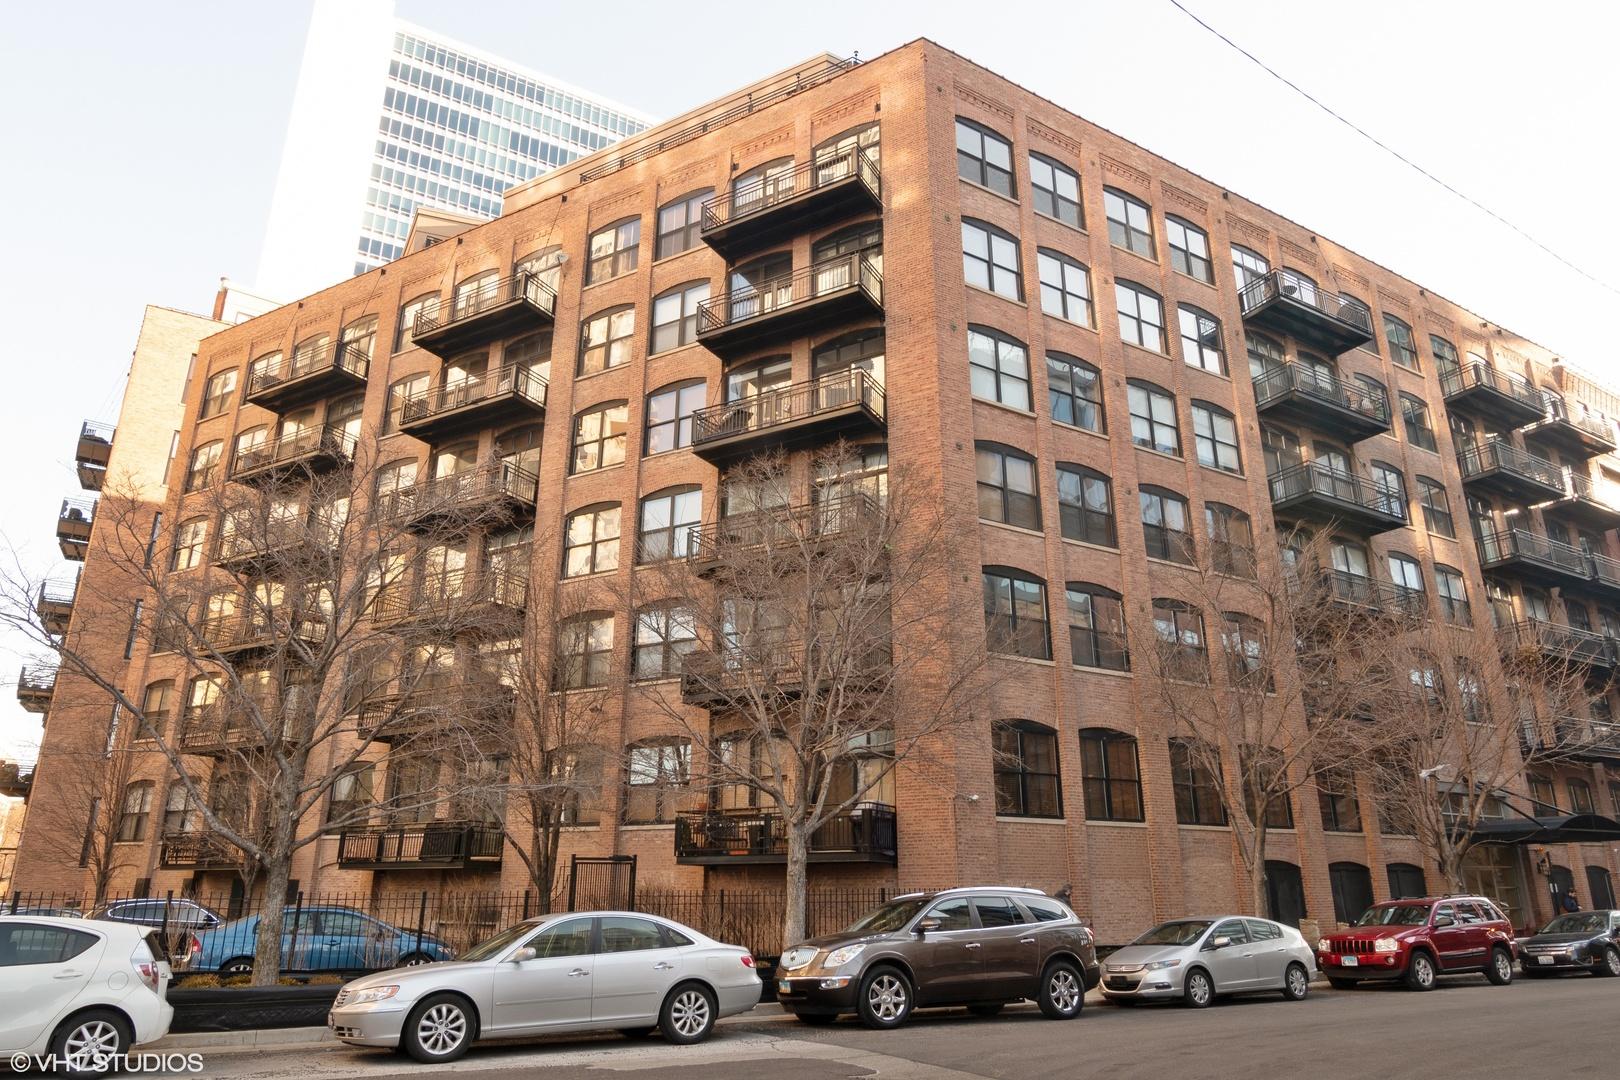 520 Huron Unit Unit 306 ,Chicago, Illinois 60610